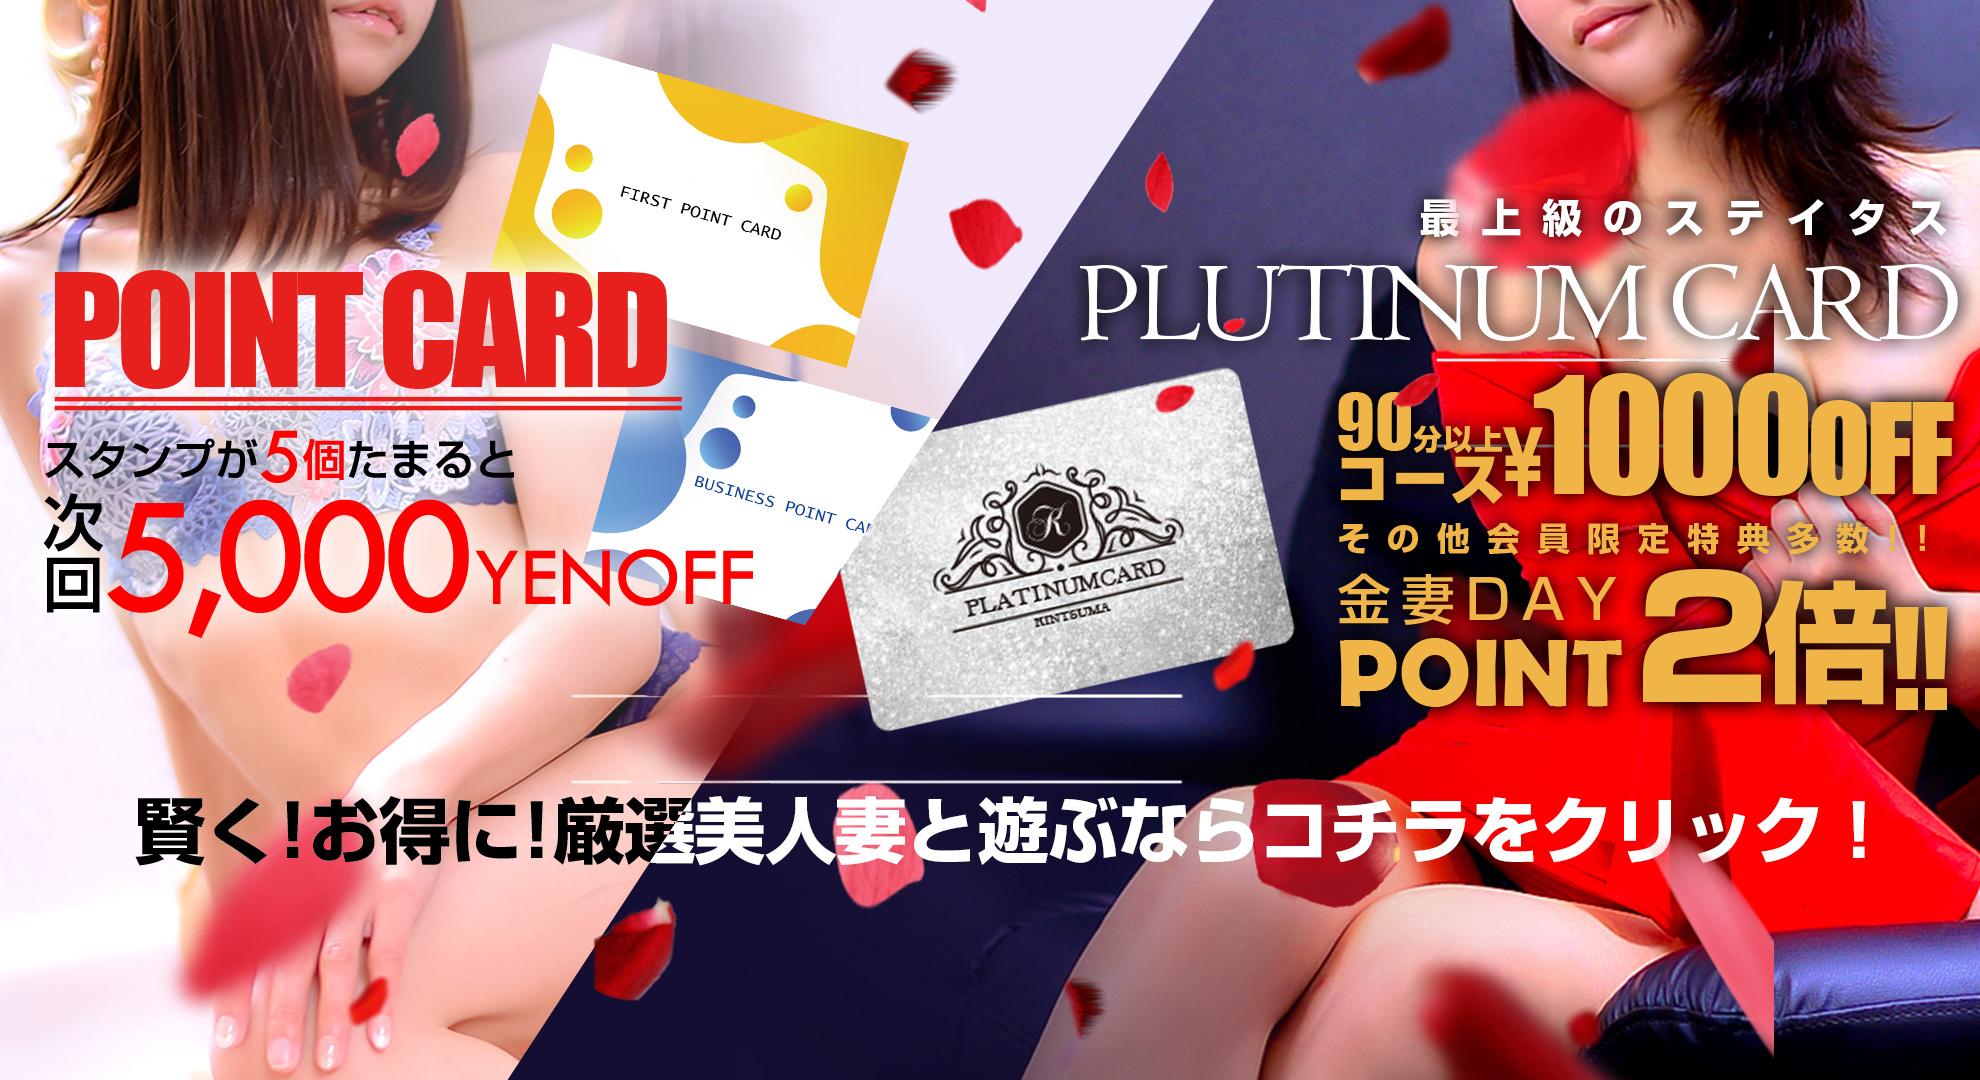 PCスライドポイントカード